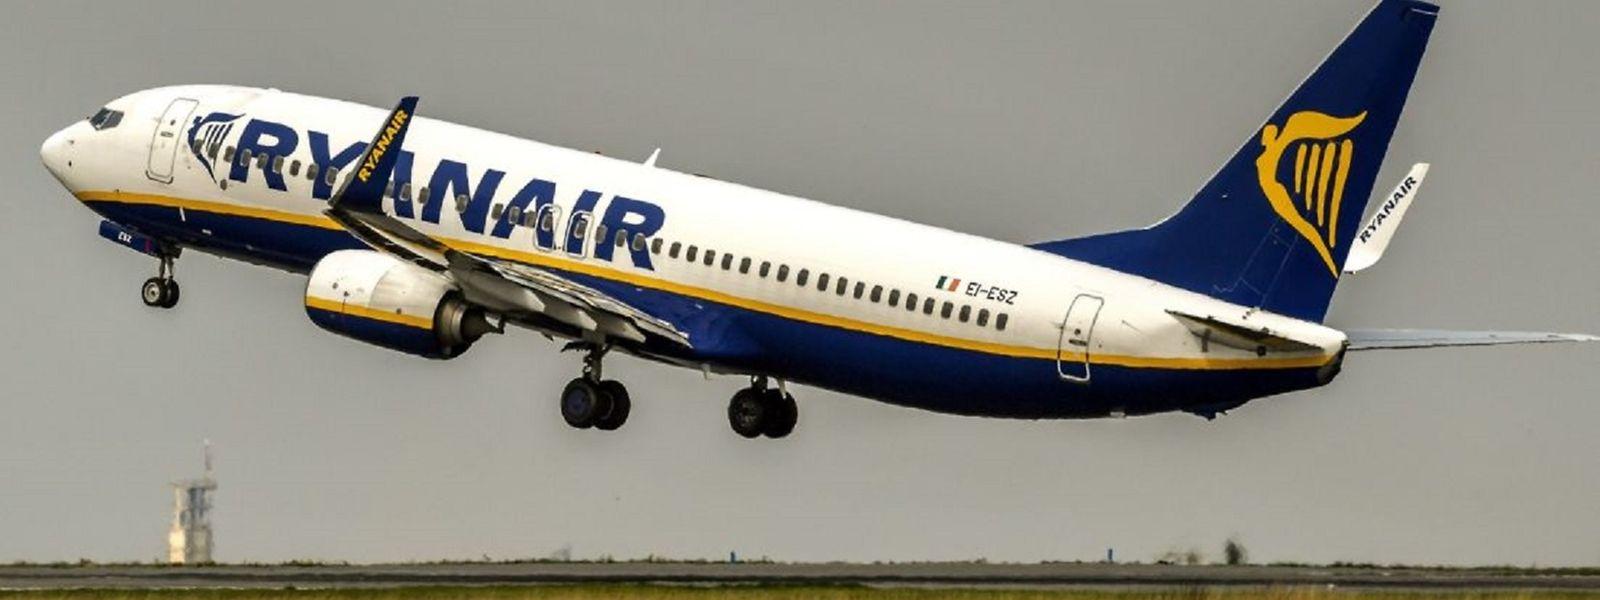 Selon le ministre wallon des Transports, la crise covid «a permis de renforcer les liens avec Ryanair, le partenaire historique de l'aéroport».